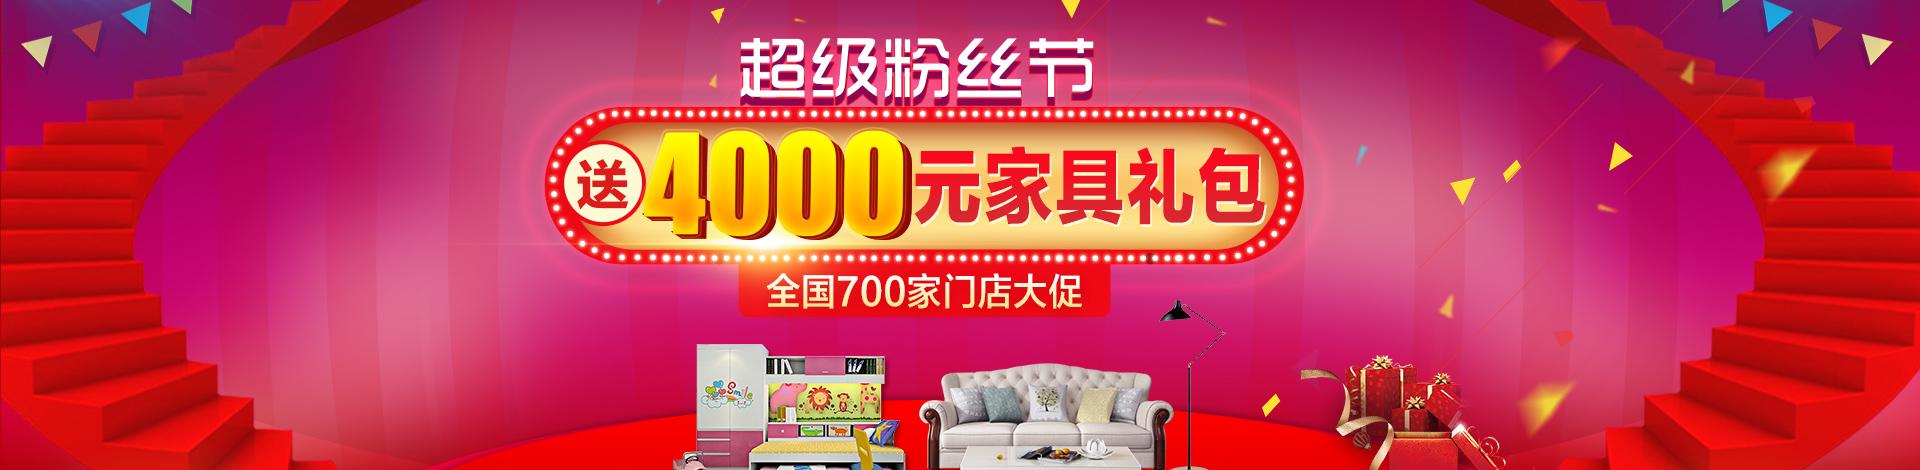 家具网上商城